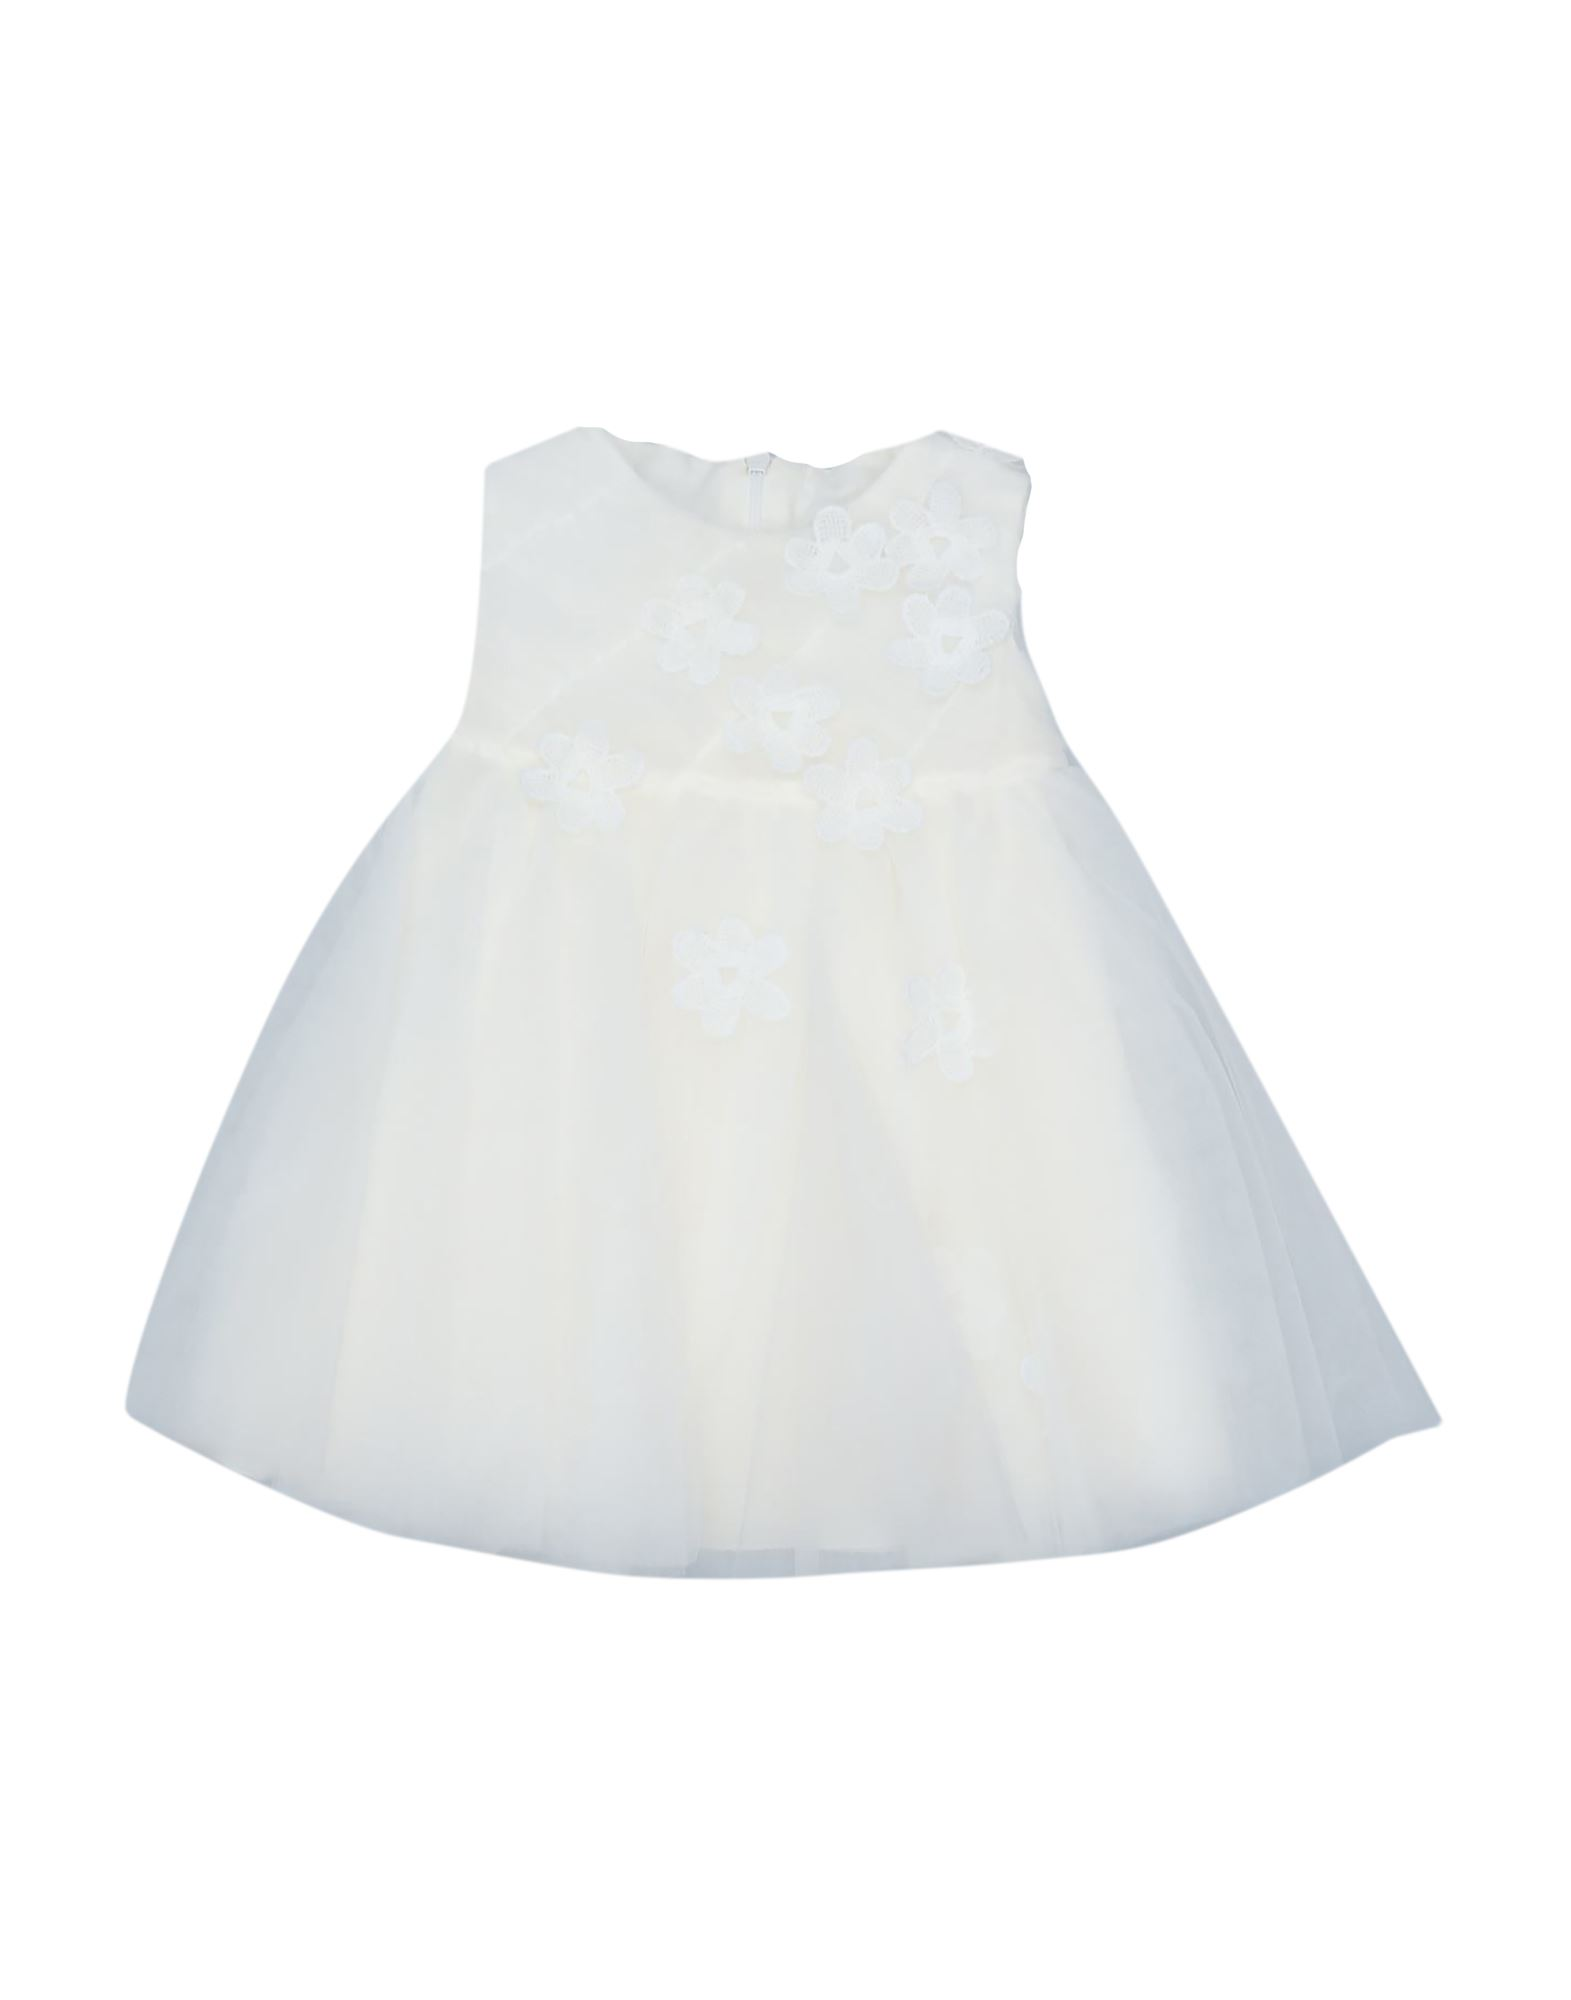 ALETTA Dresses - Item 15094052